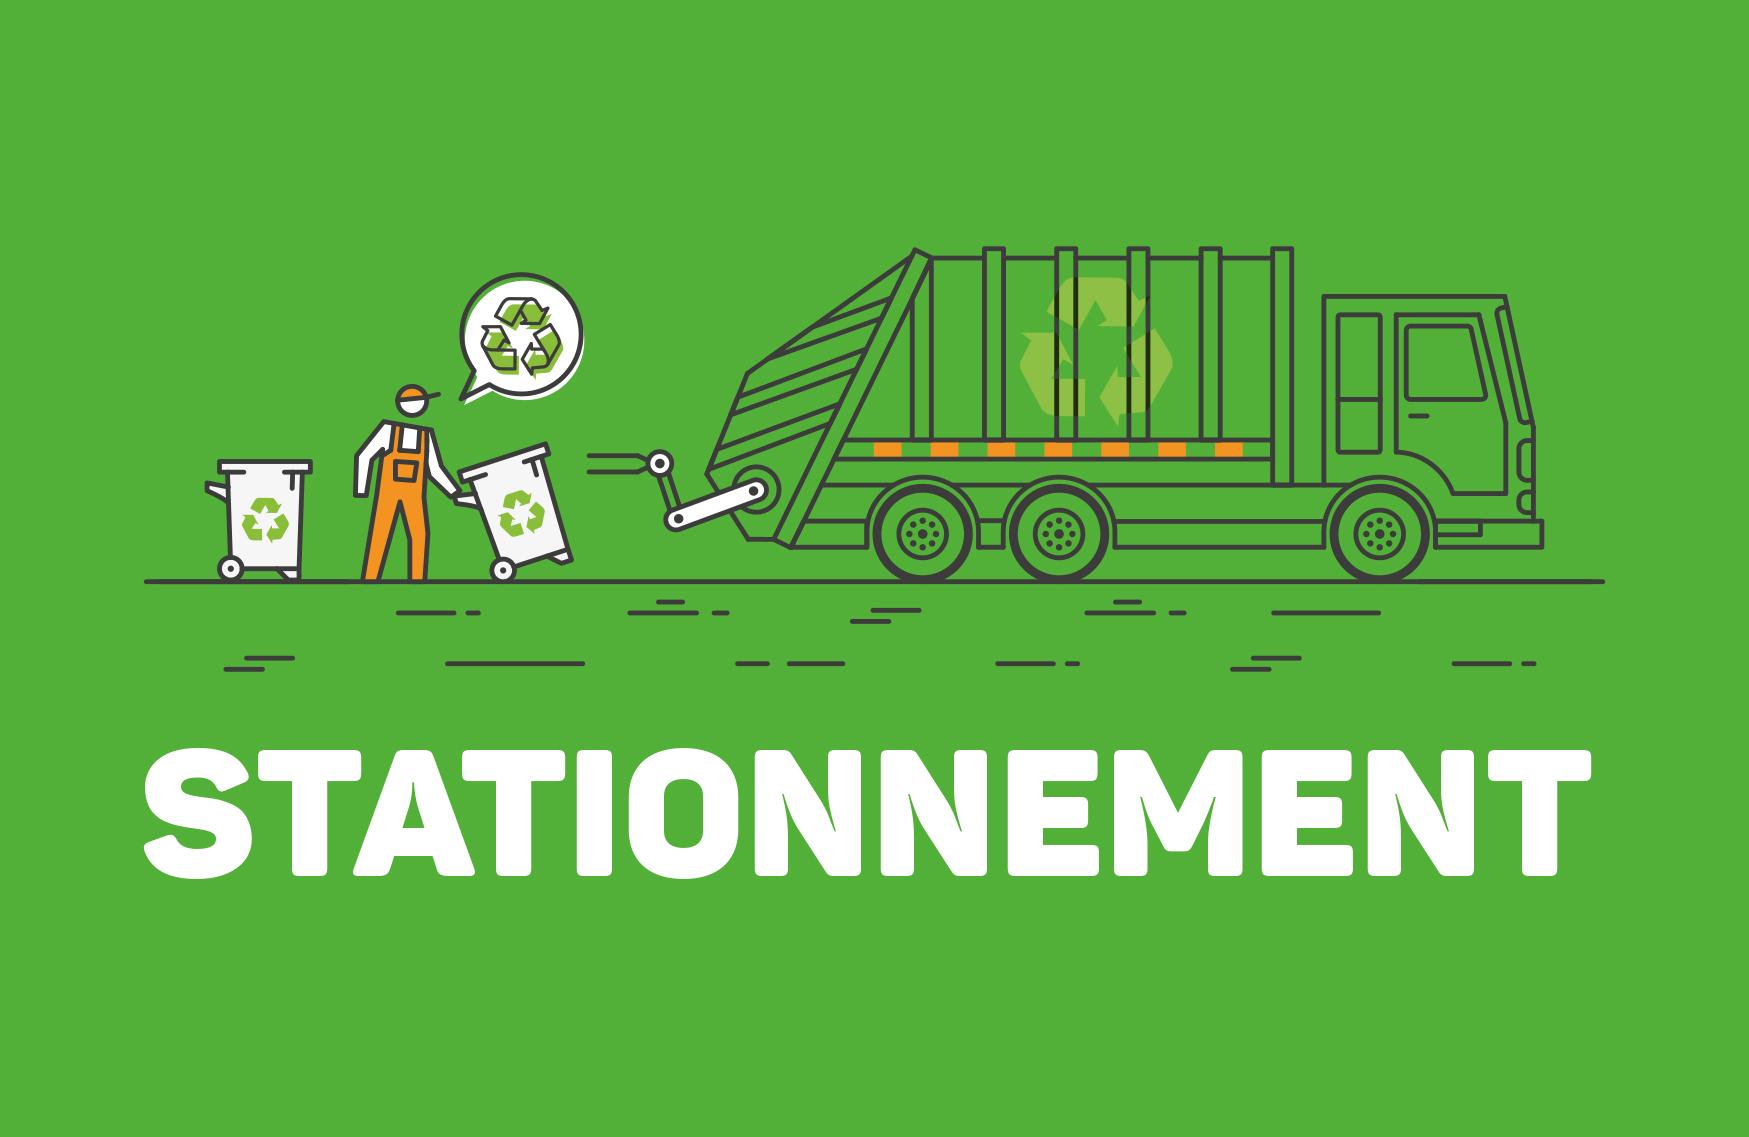 stationnementgenanty